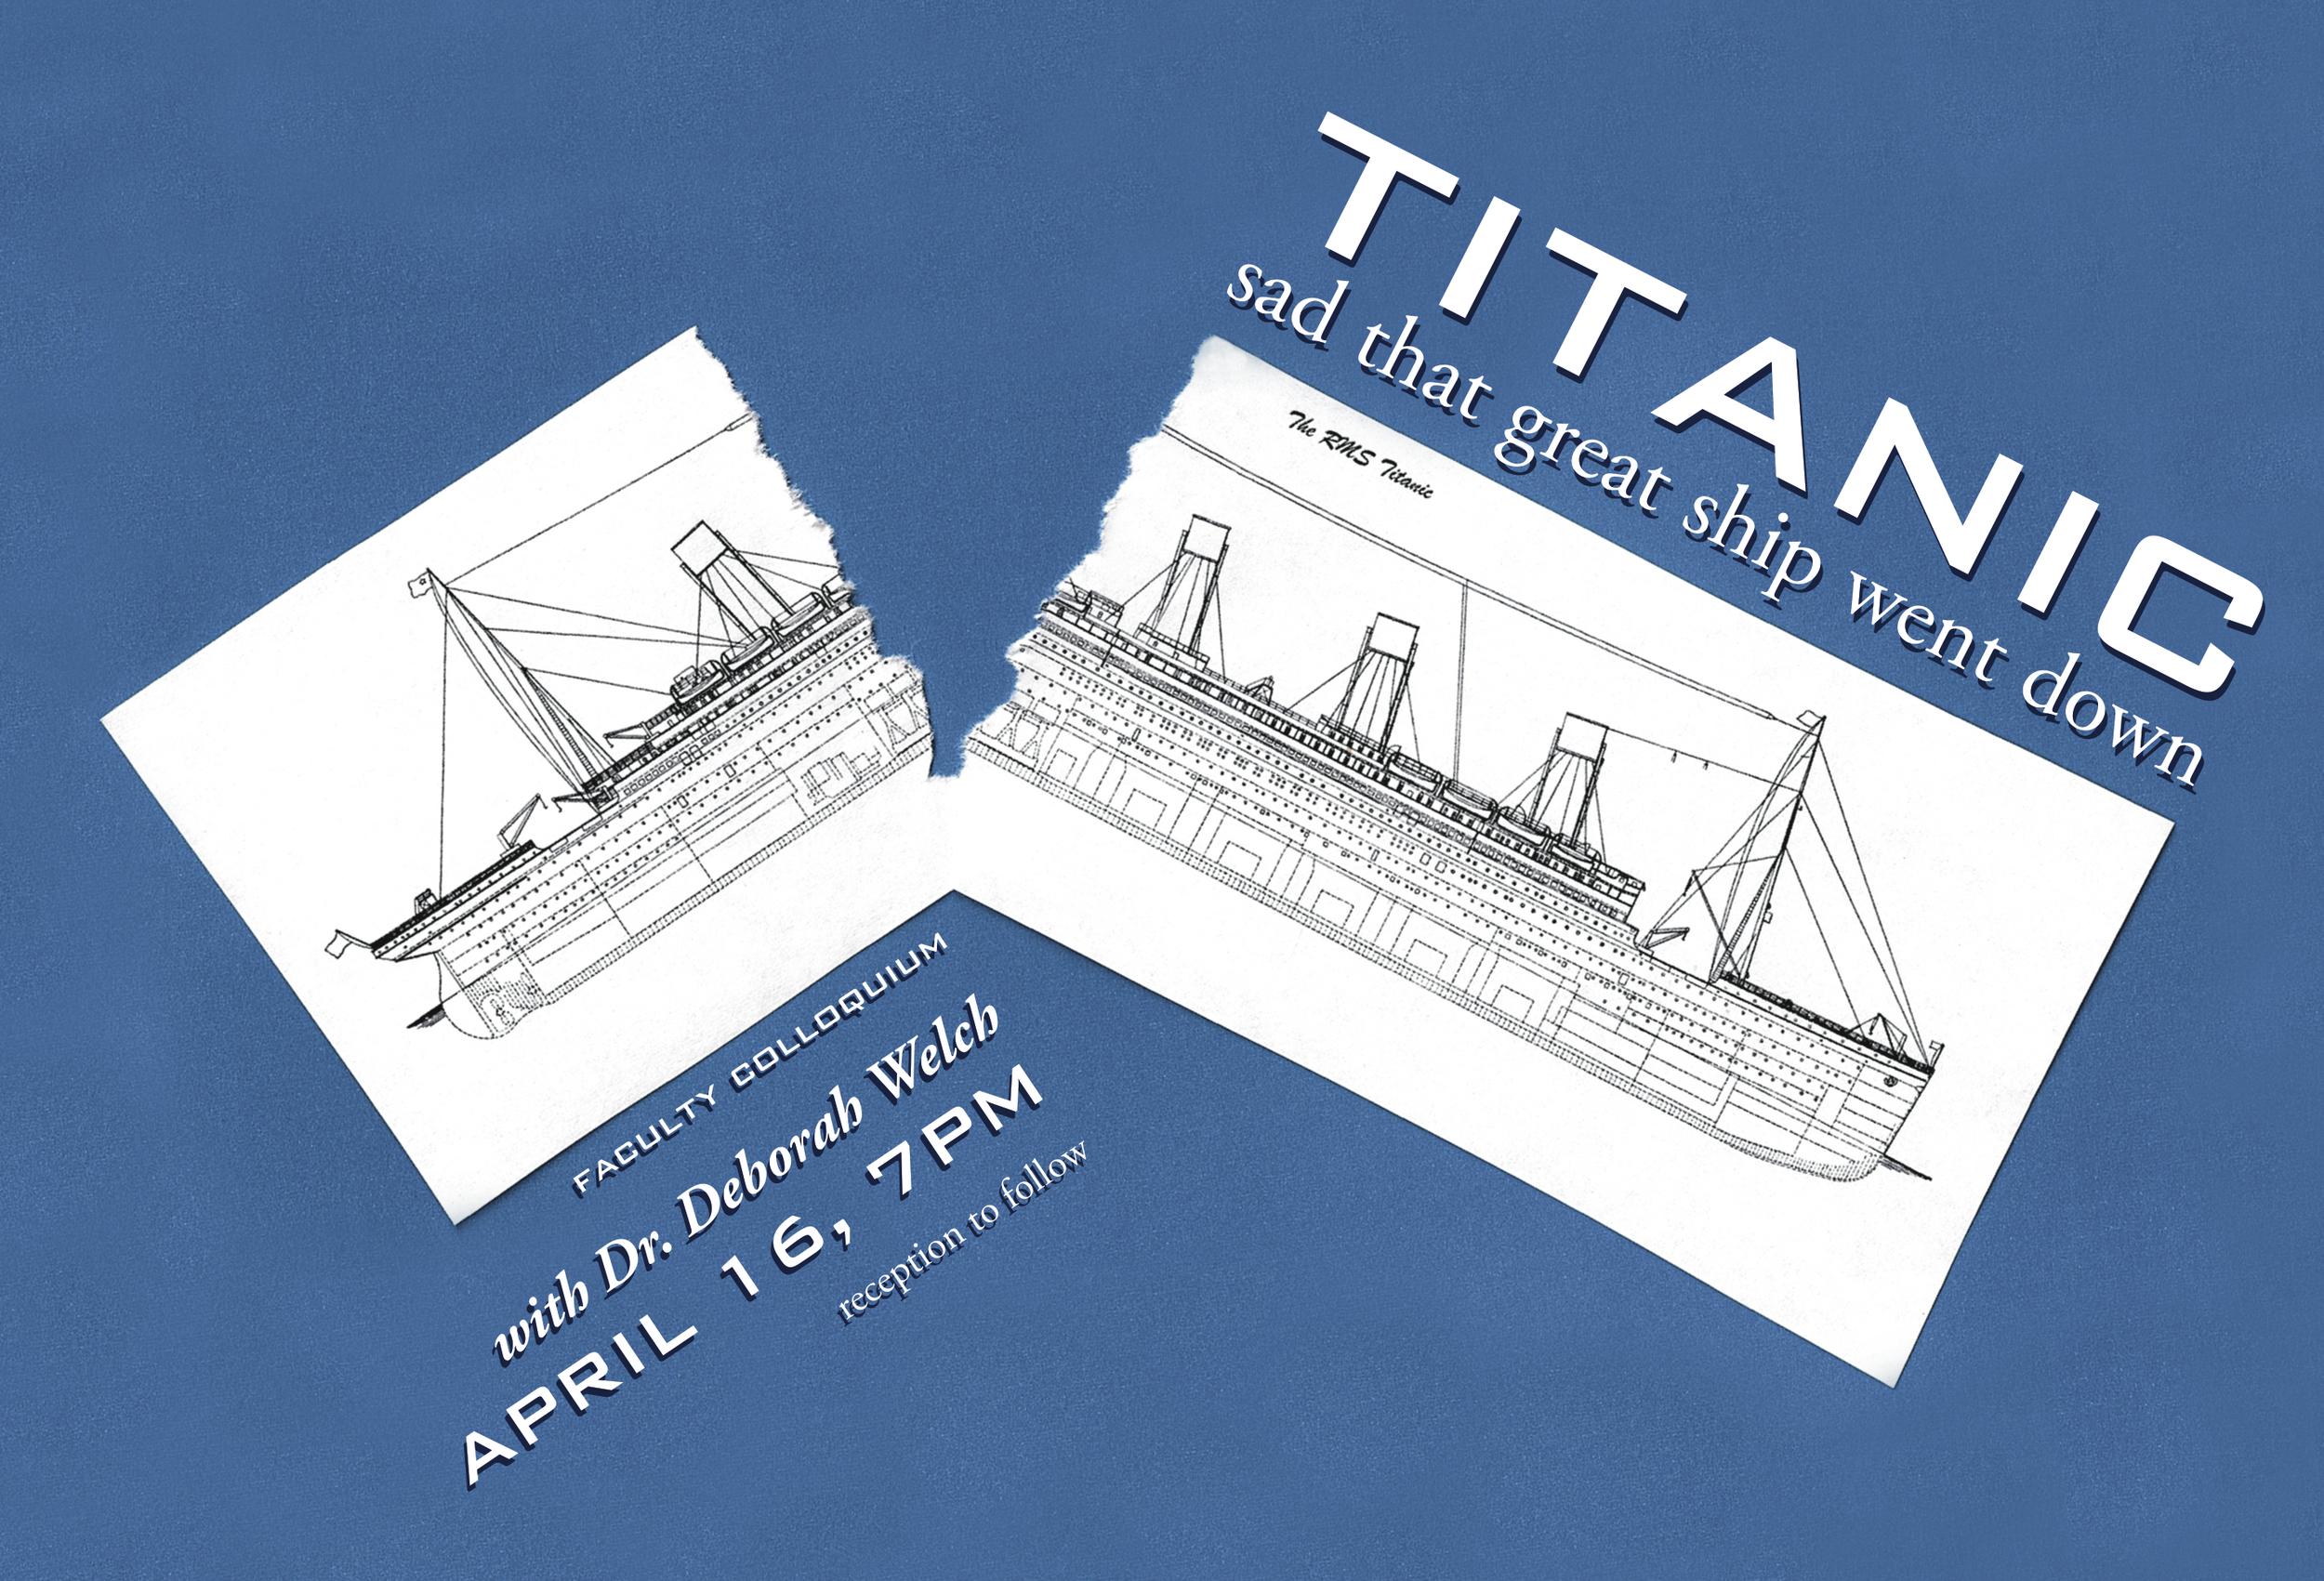 Titanic Colloquium